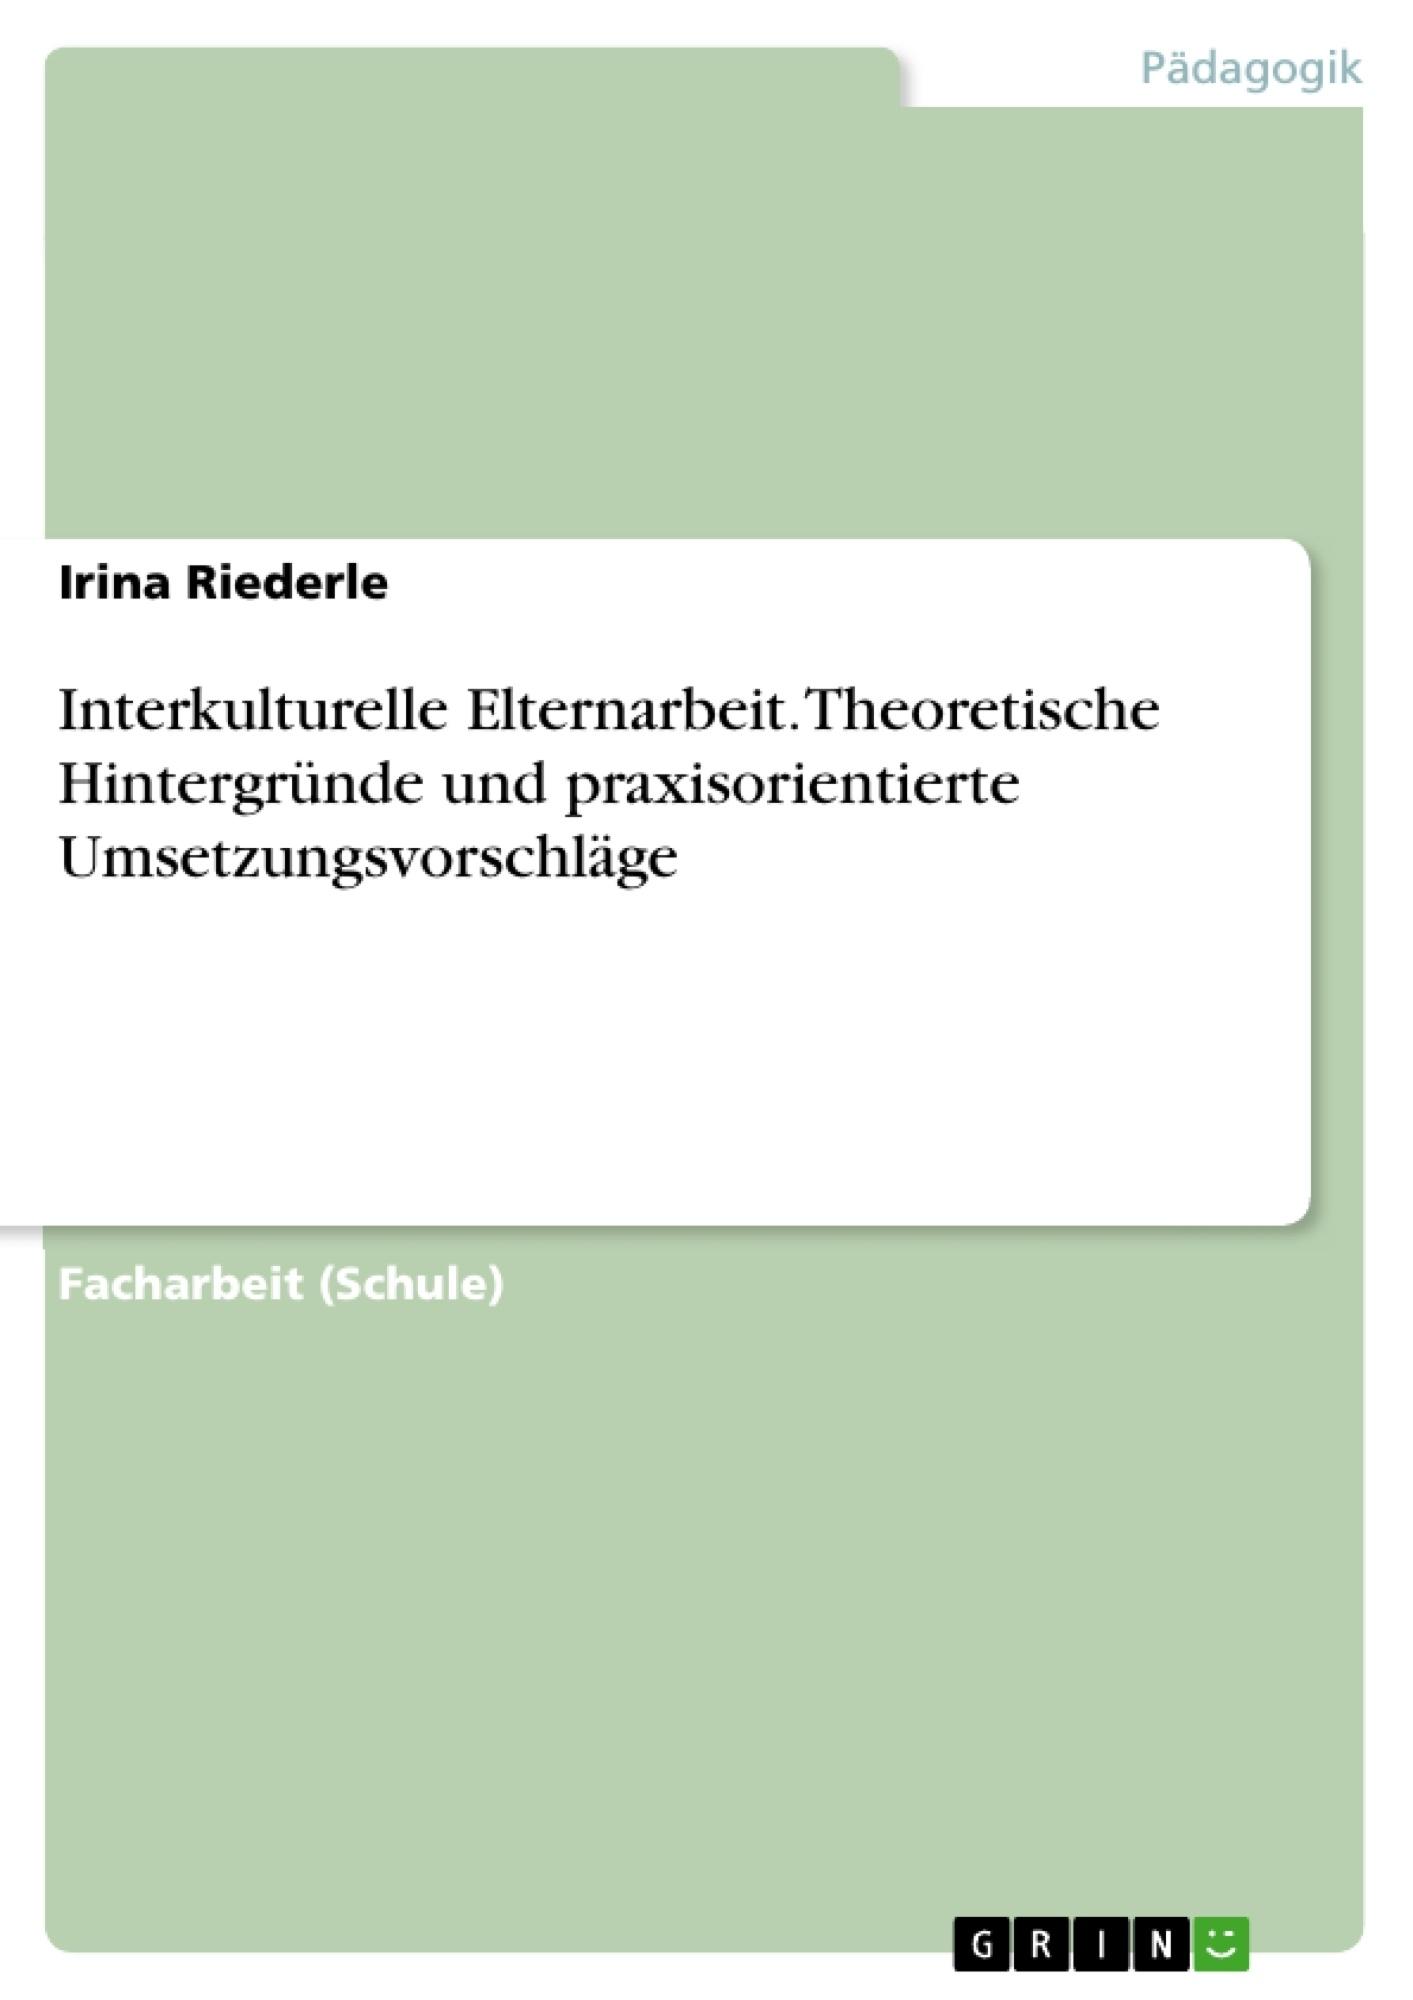 Titel: Interkulturelle Elternarbeit. Theoretische Hintergründe und praxisorientierte Umsetzungsvorschläge